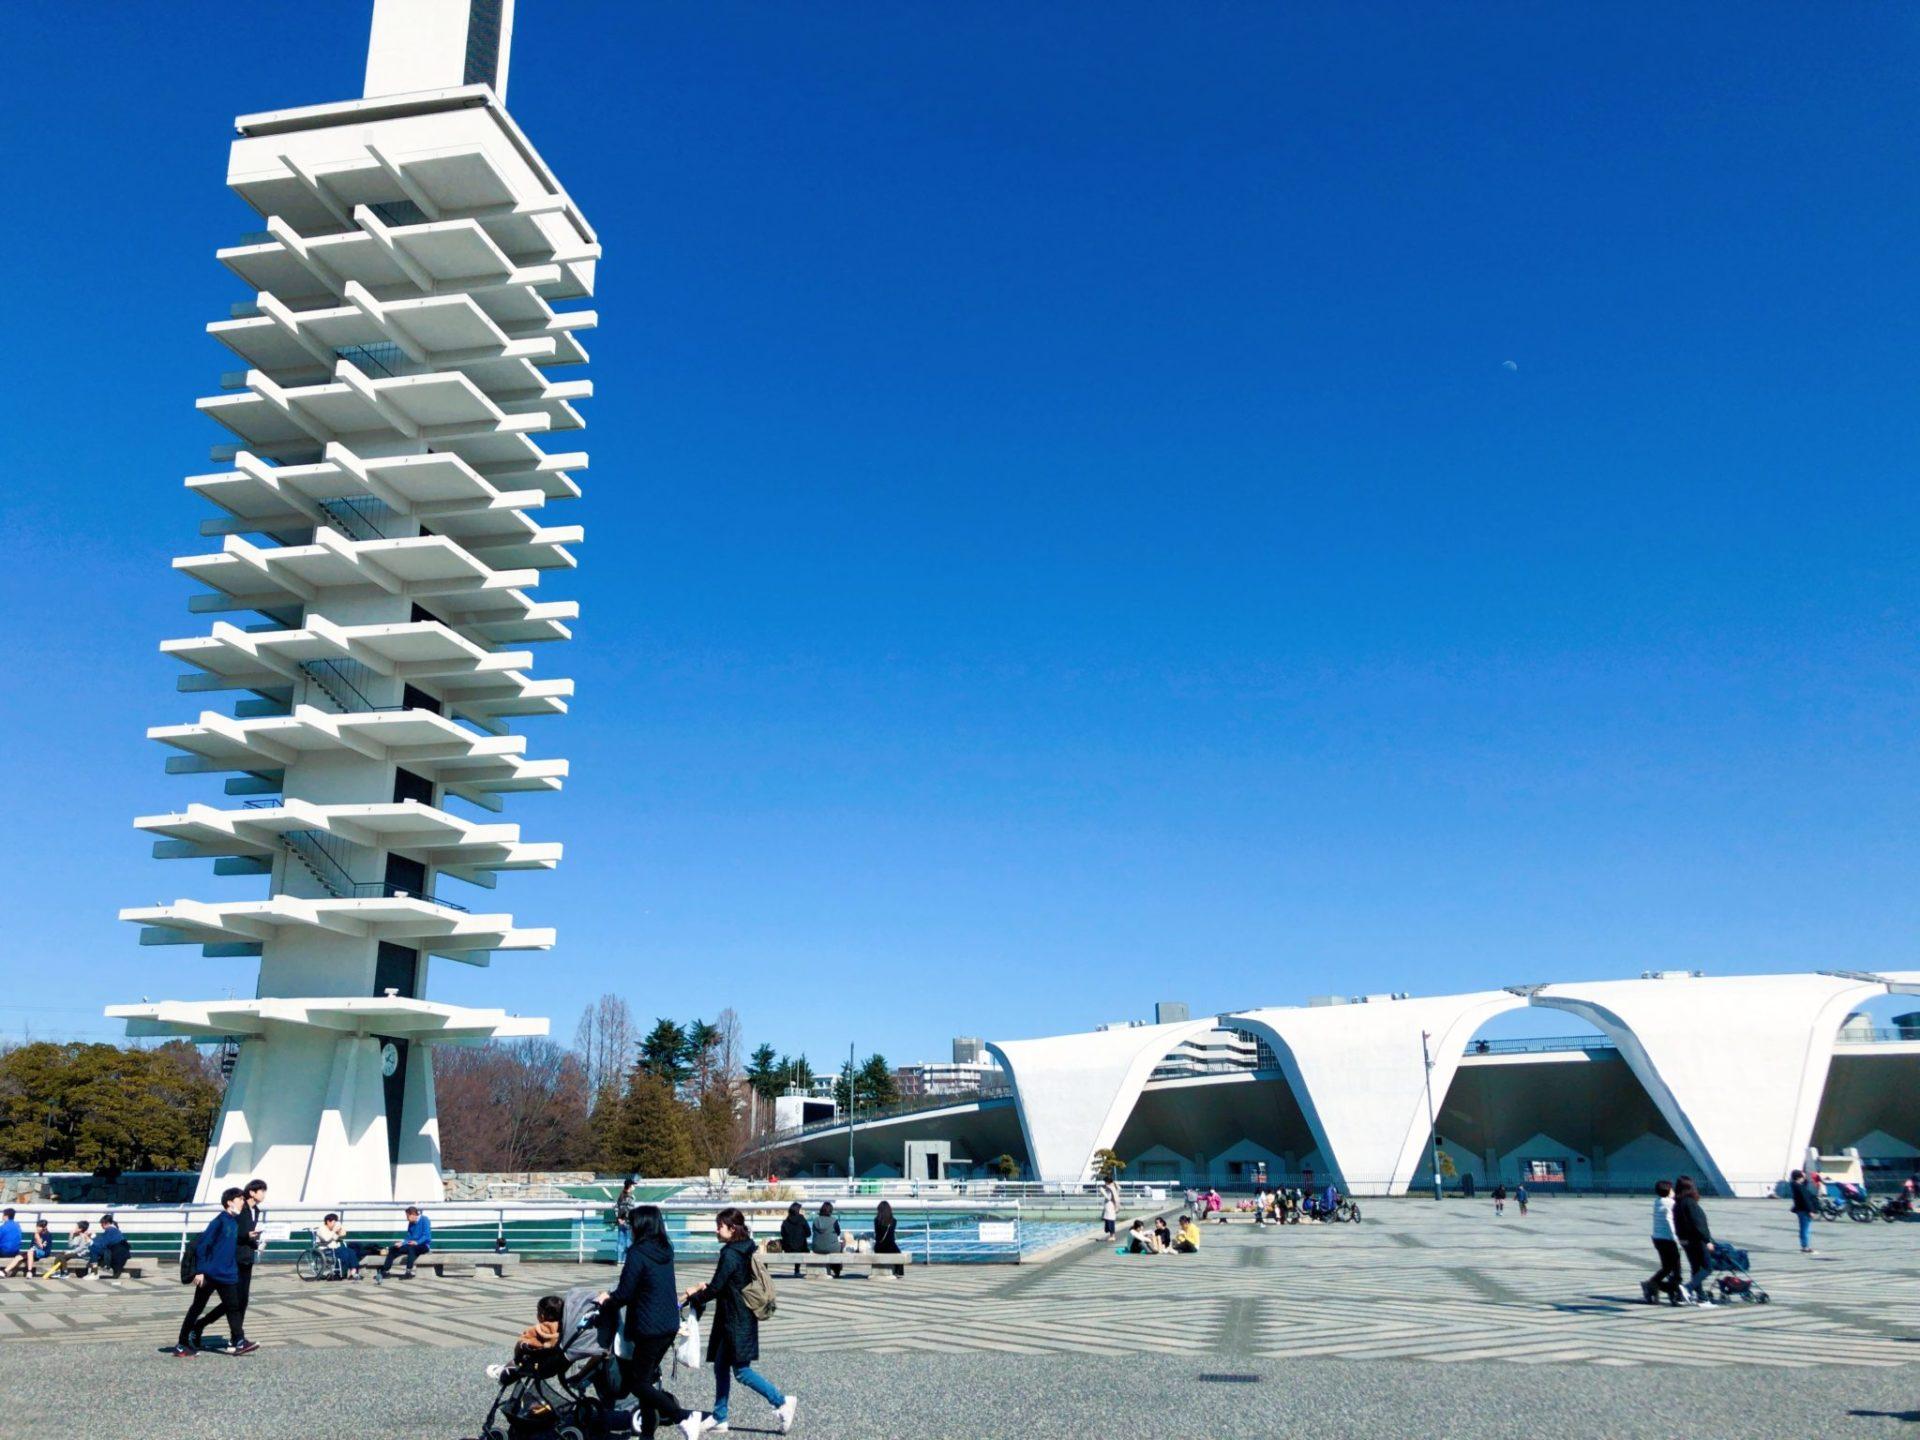 世田谷にある駒沢公園のオリンピック記念塔